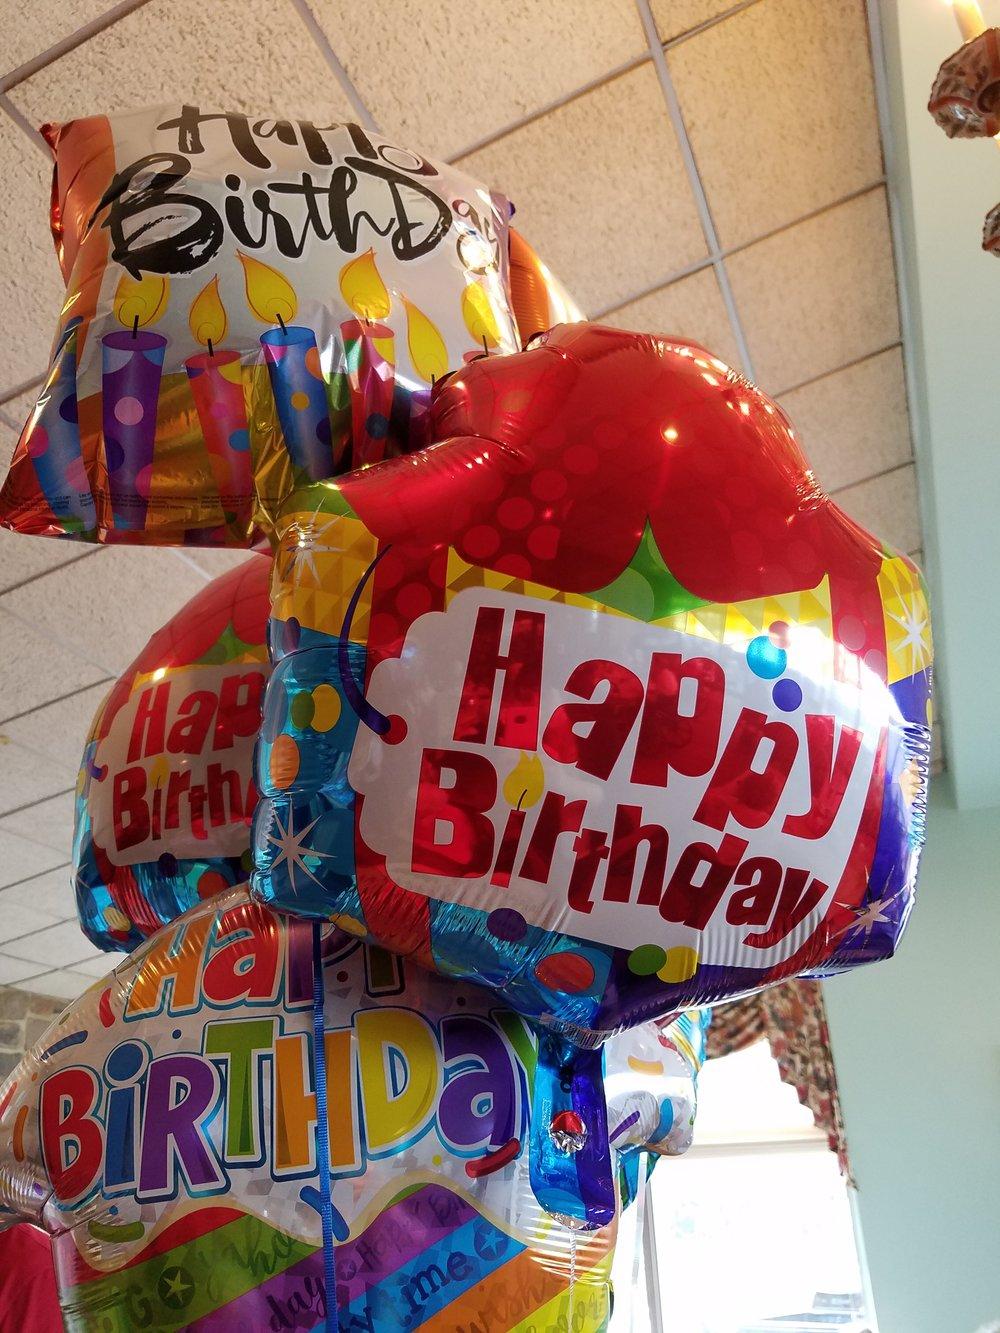 Legatha 101 birthday2.jpg